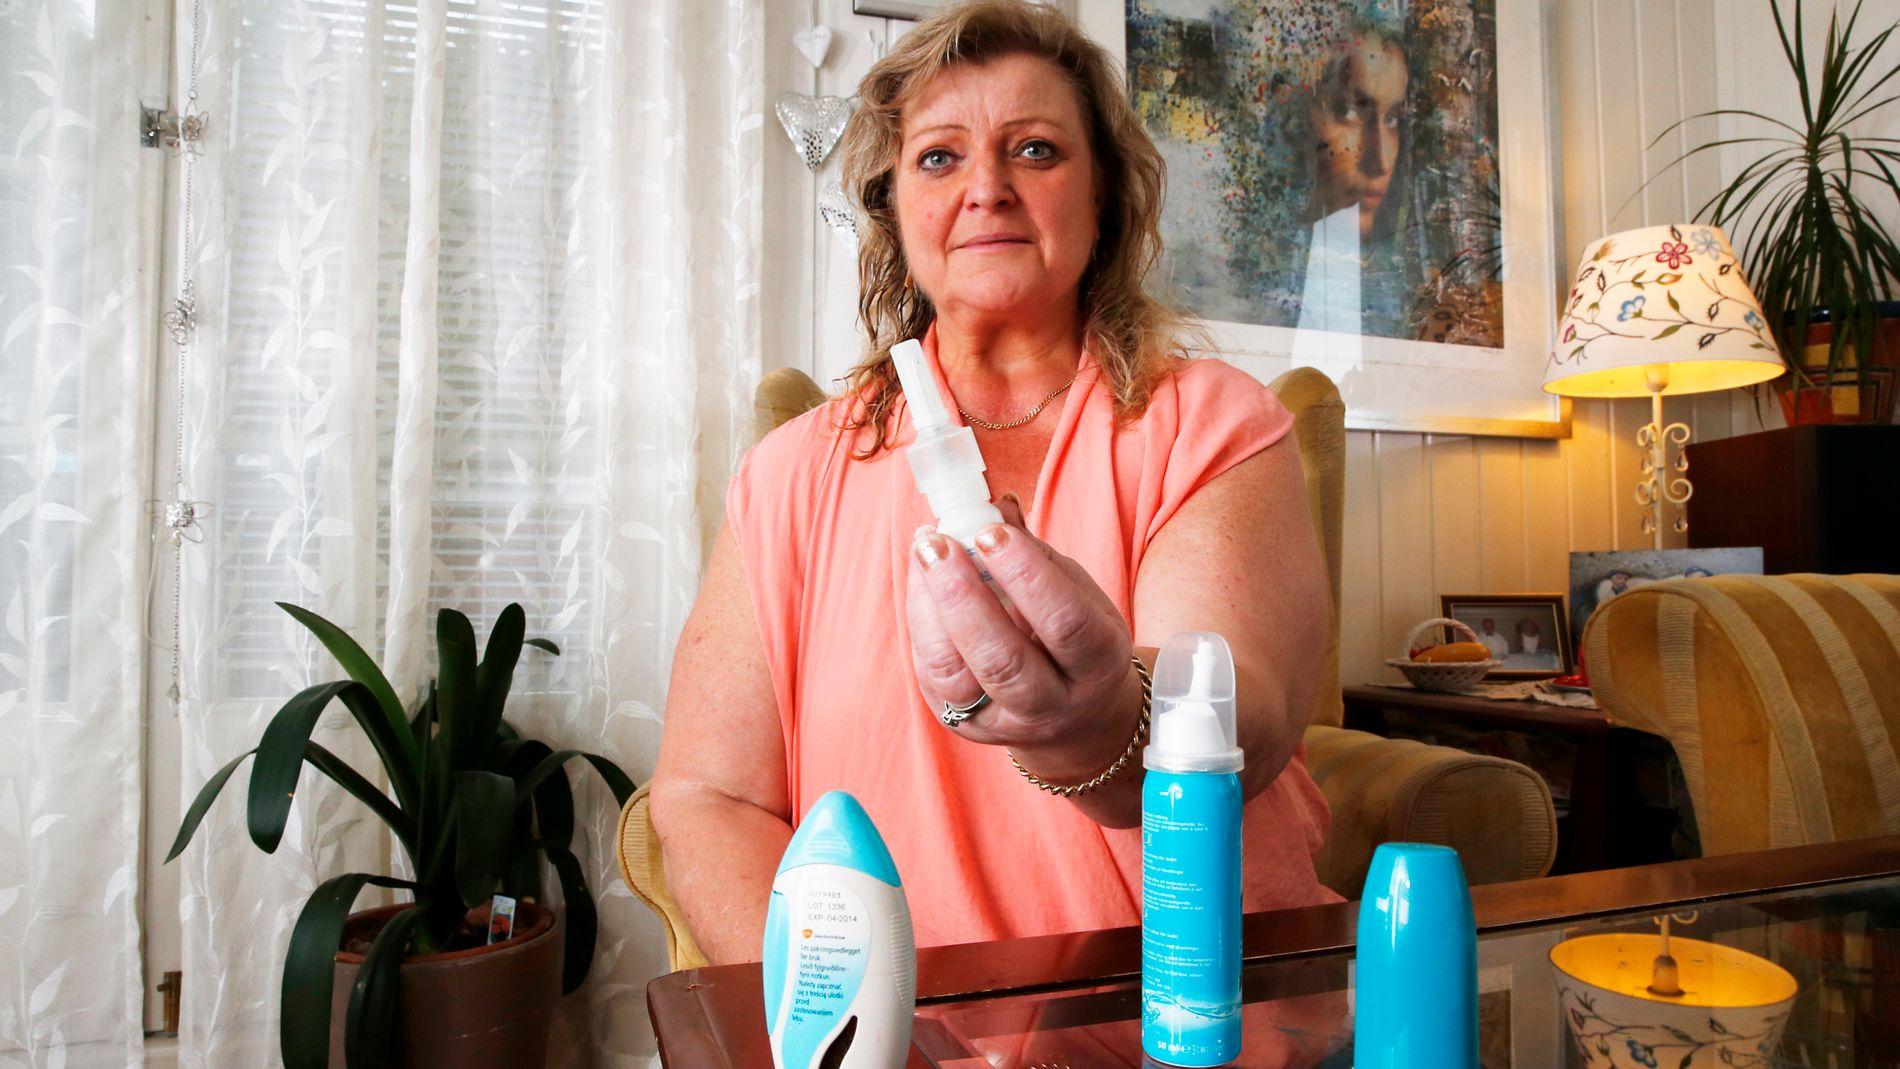 a14206d8 Farlig lett å bli avhengig: Slik slutter du med nesespray